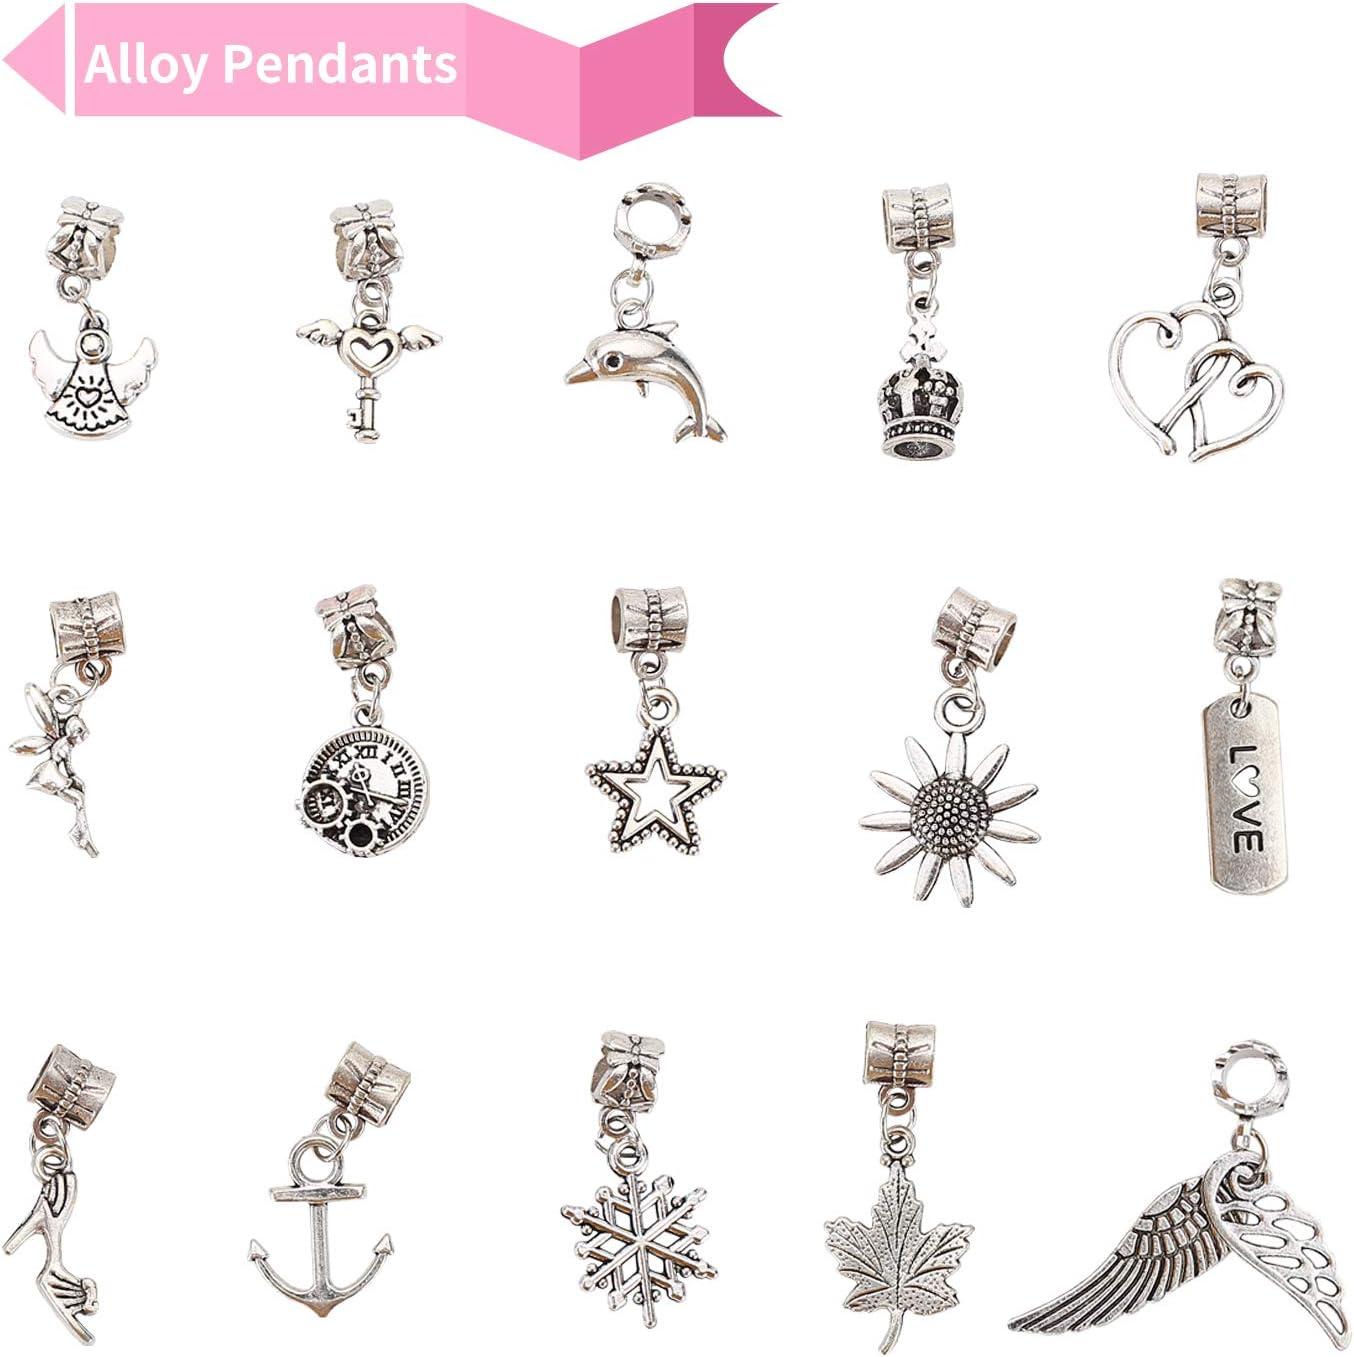 Creation Cadeau Bijoux Cha/înes Bricolage pour Filles Ados Ulikey 3 Pi/èces Bracelet Argent Enfant Fille Kit Fabrication Bracelet Breloque avec Coffret De Perles